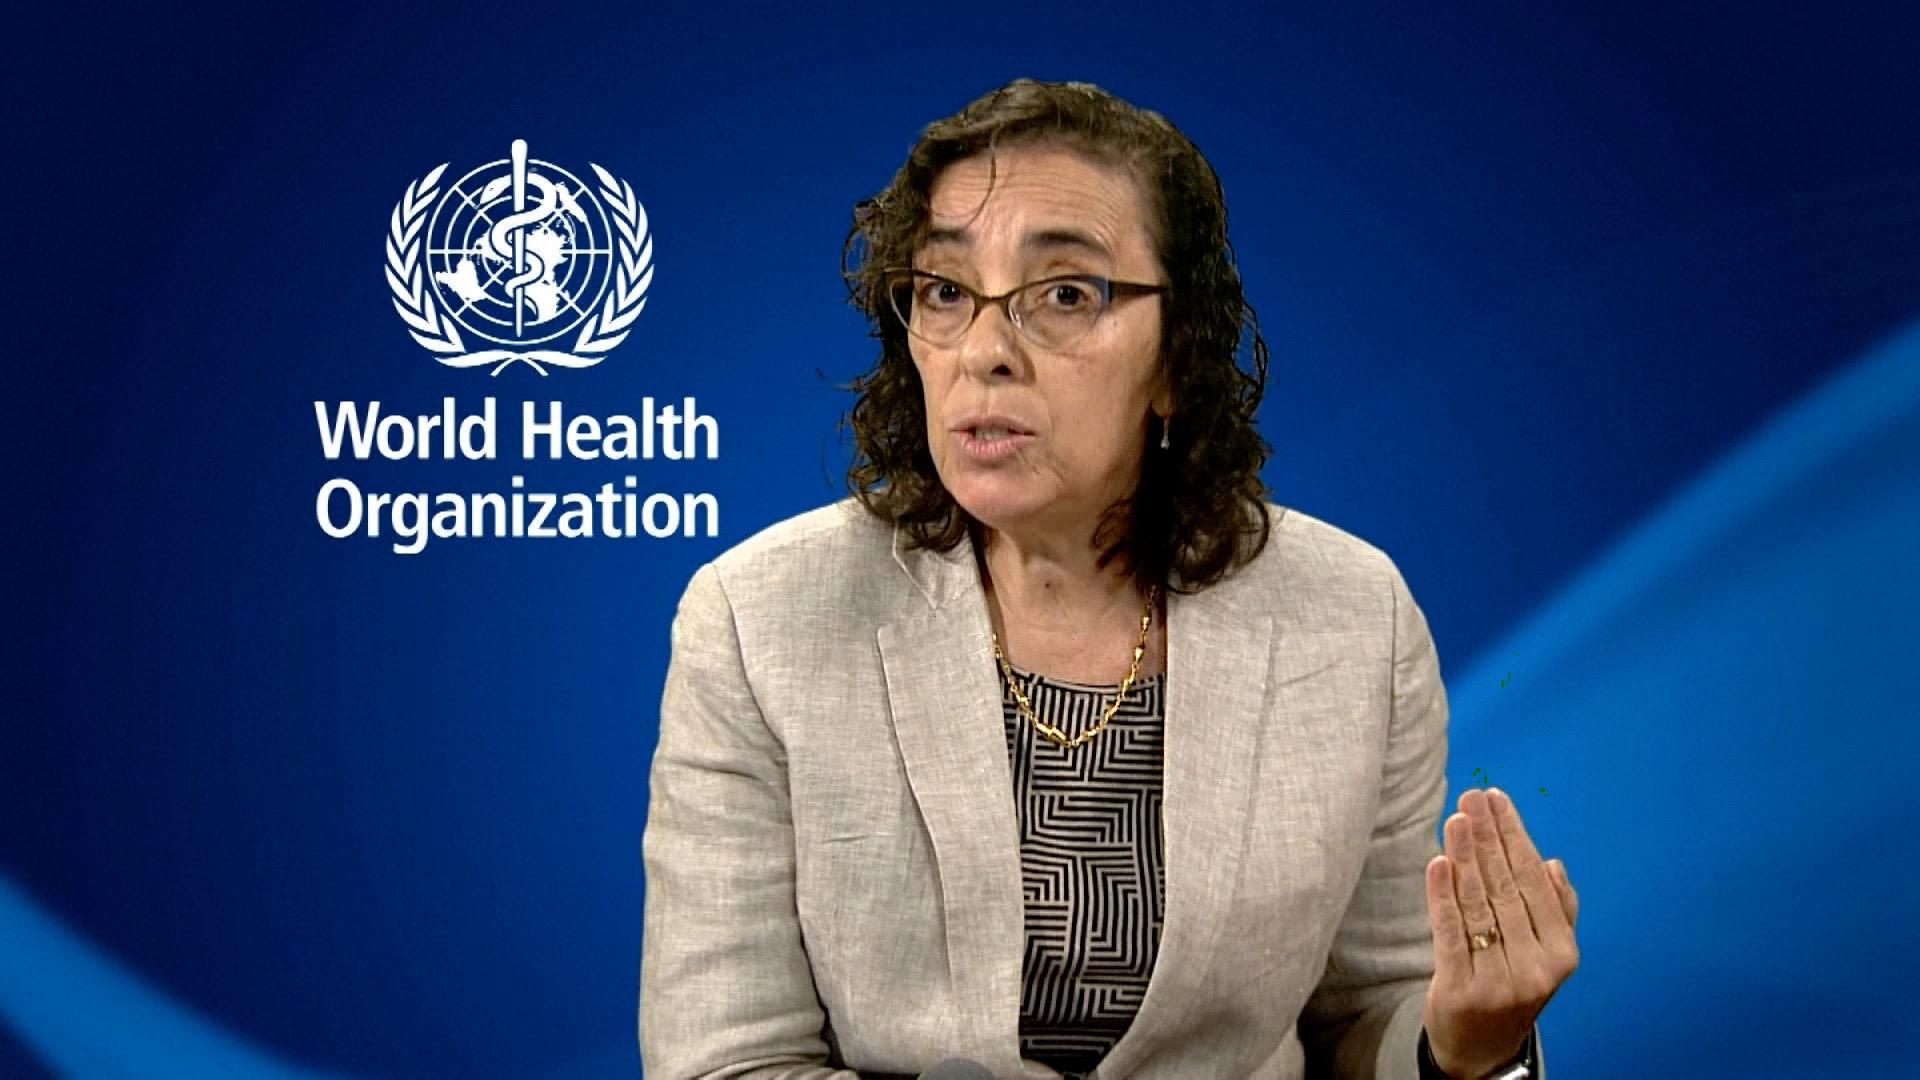 联合国忠告:新冠疫情可能造成严重的精神康健危急